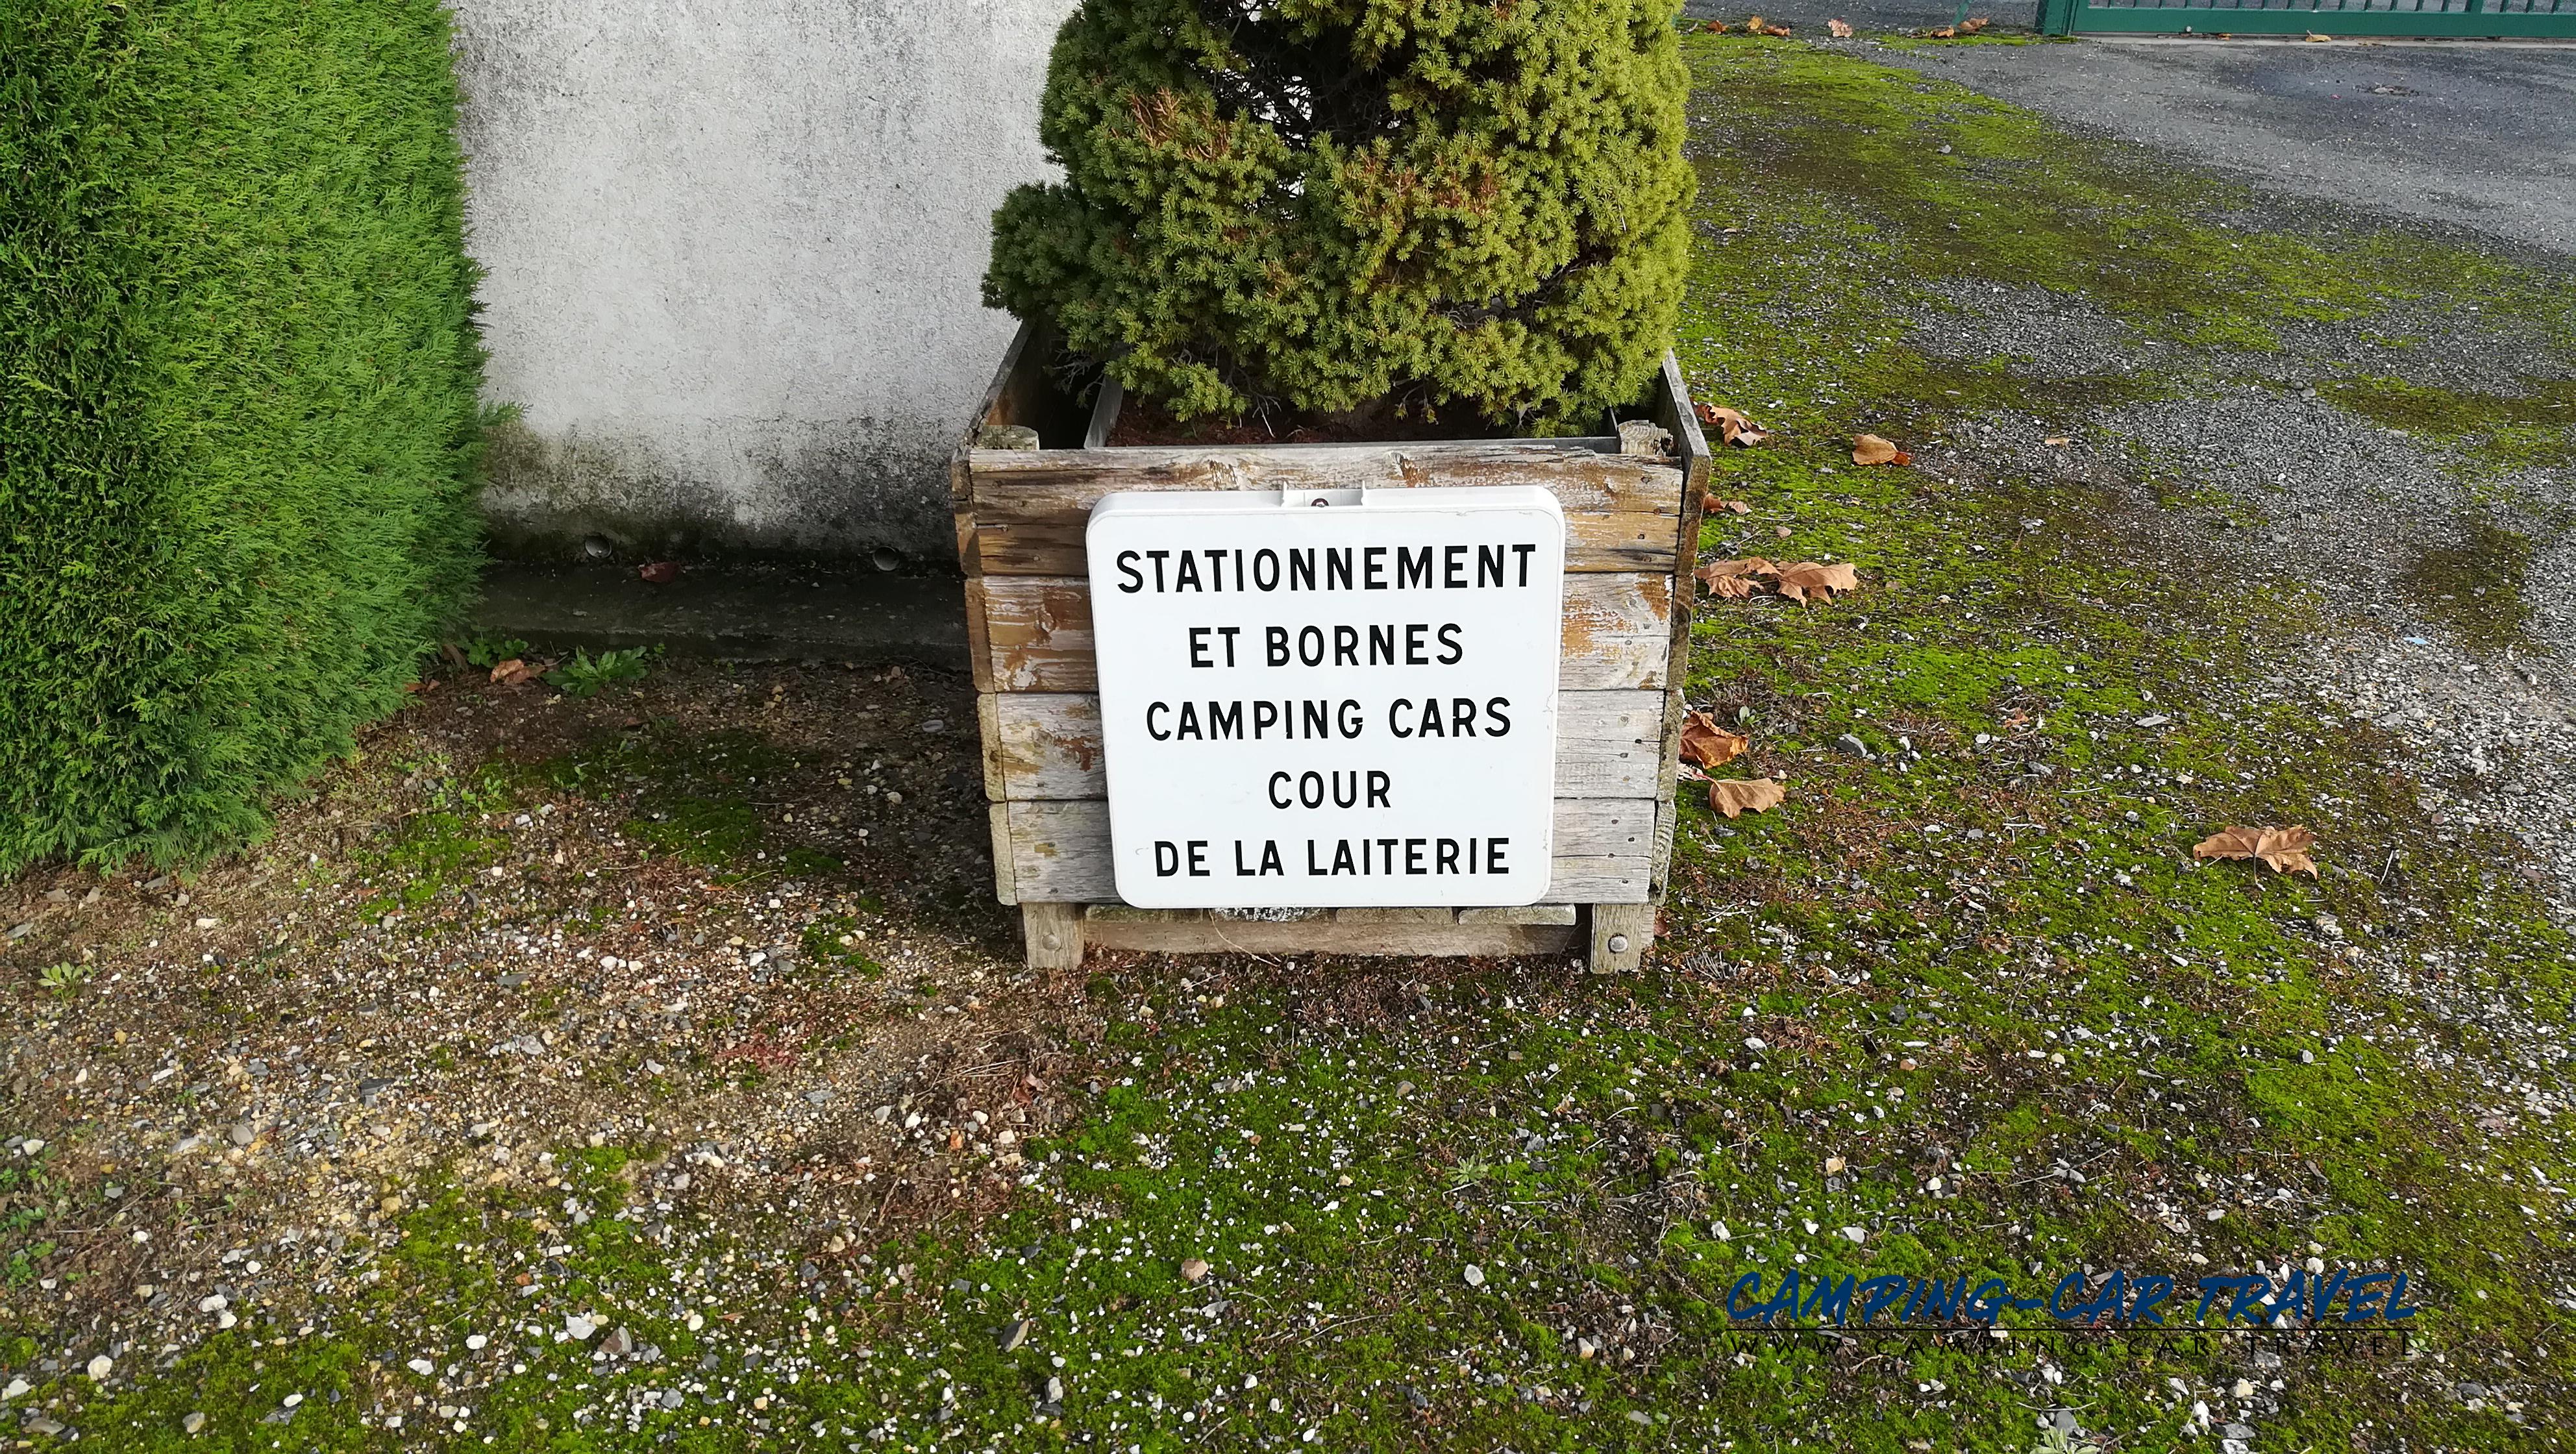 aire services camping car Saint-Clément-des-Levées Maine-et-Loire Pays-de-la-Loire